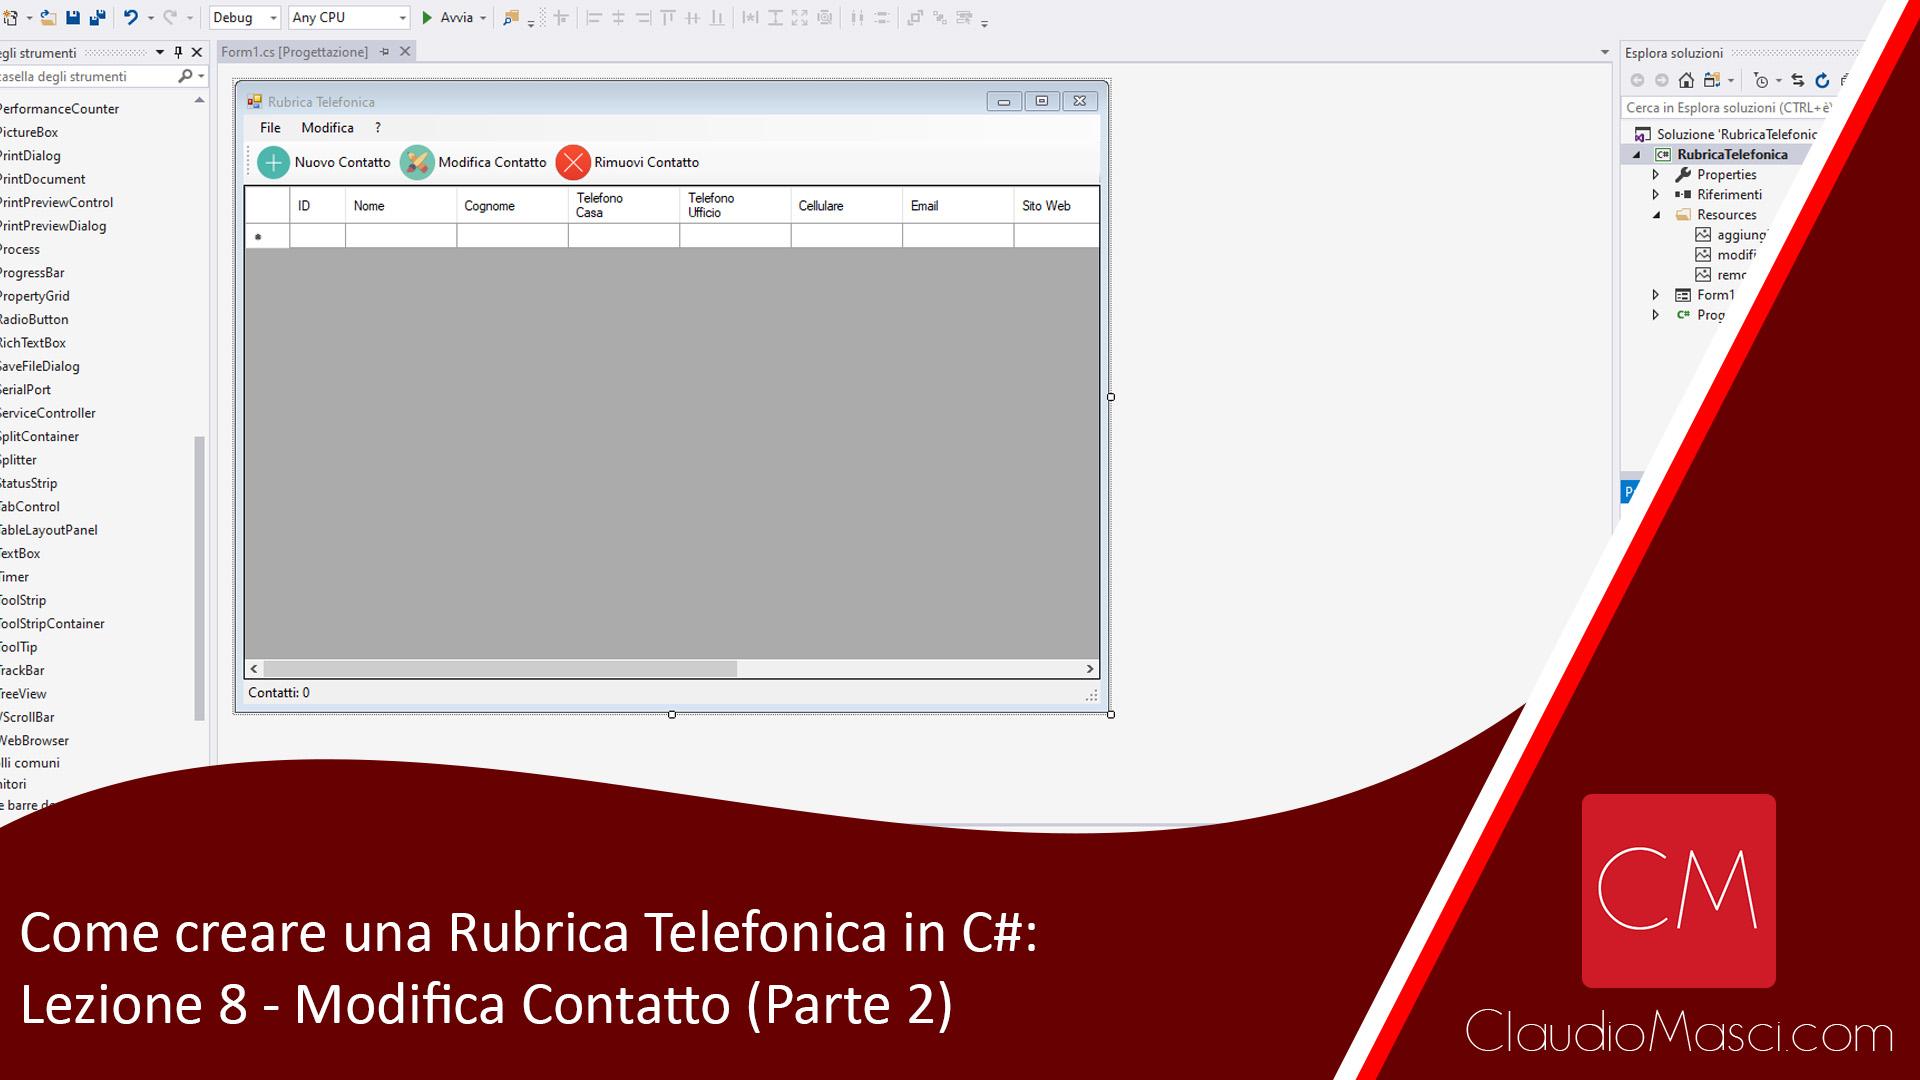 Come creare una Rubrica Telefonica in C# - Lezione 8 - Modifica Contatto (Parte 2)